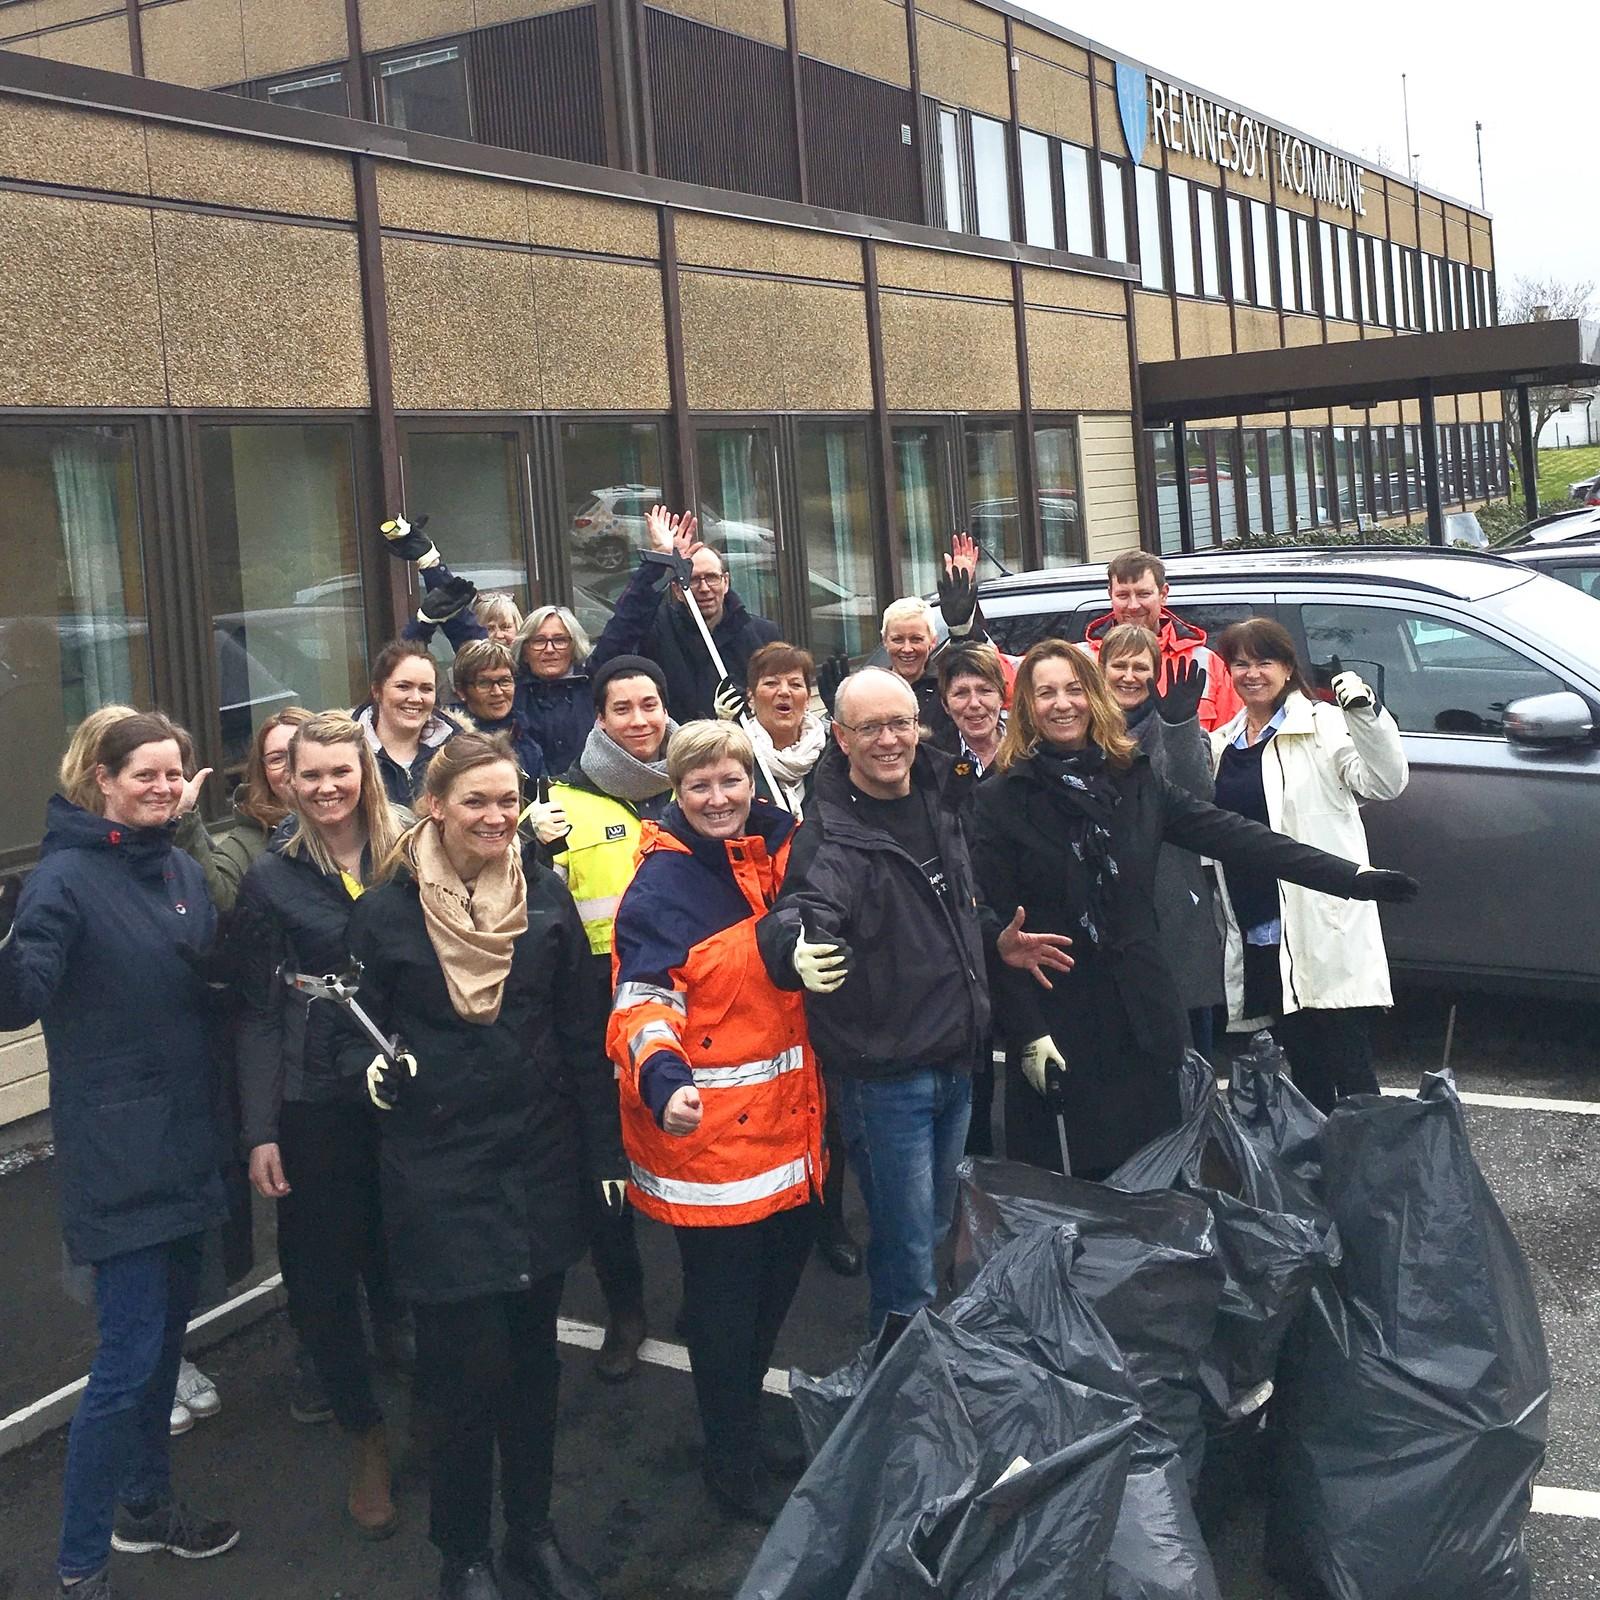 Rennesøy kommune tok utfordringa og var ute i 15 minutter i lunsjen. For kommunehuset og Nav utgjorde dette seks (!) fulle sekker.